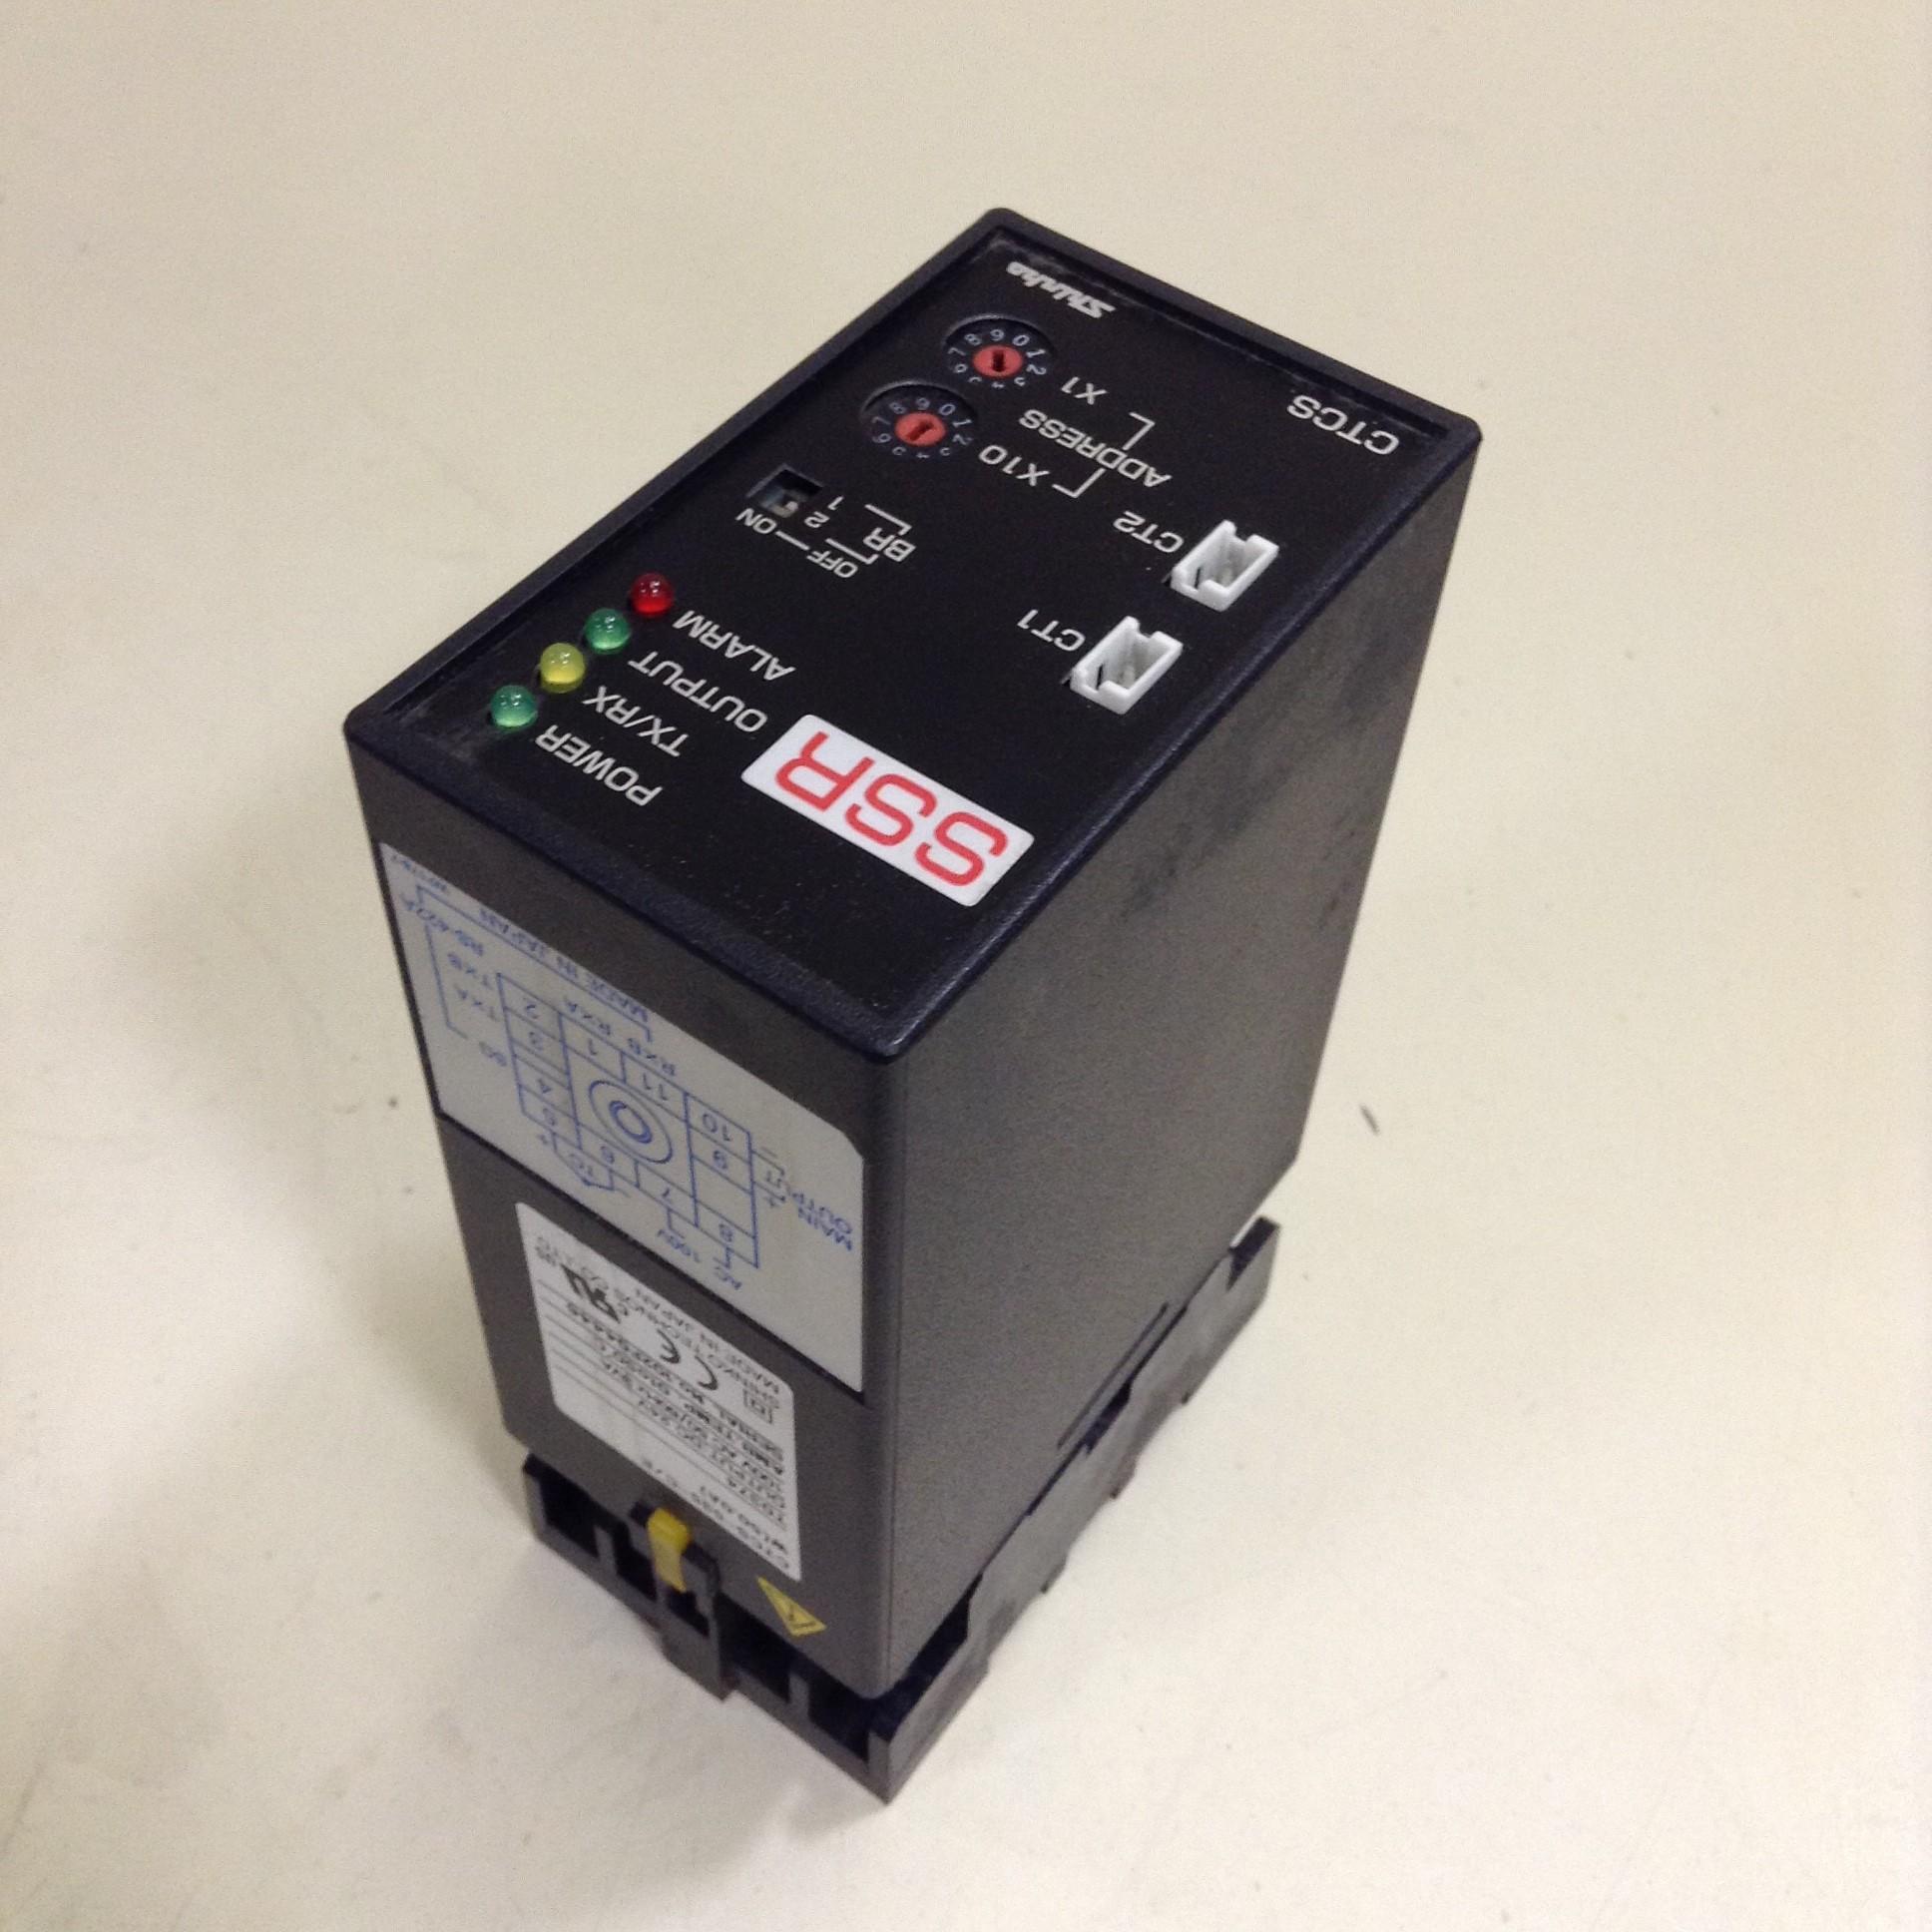 Shinko SSR Temperature Controller CTCS 535 C/E Used #69013 eBay #9E2D36